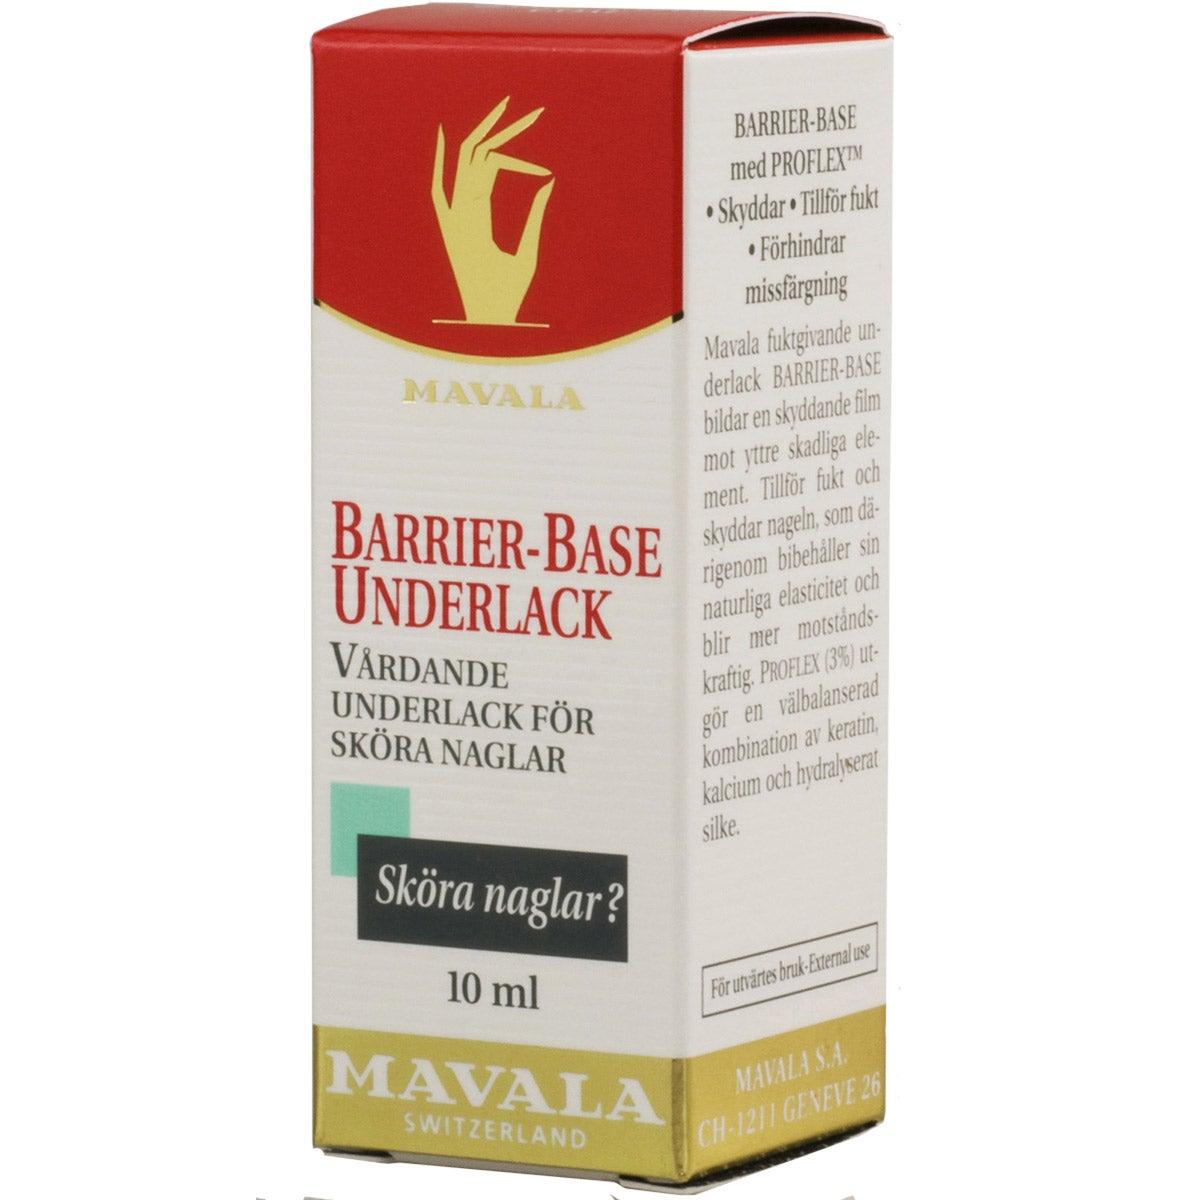 Barrier-Base Underlack 10 ml Mavala Underlack